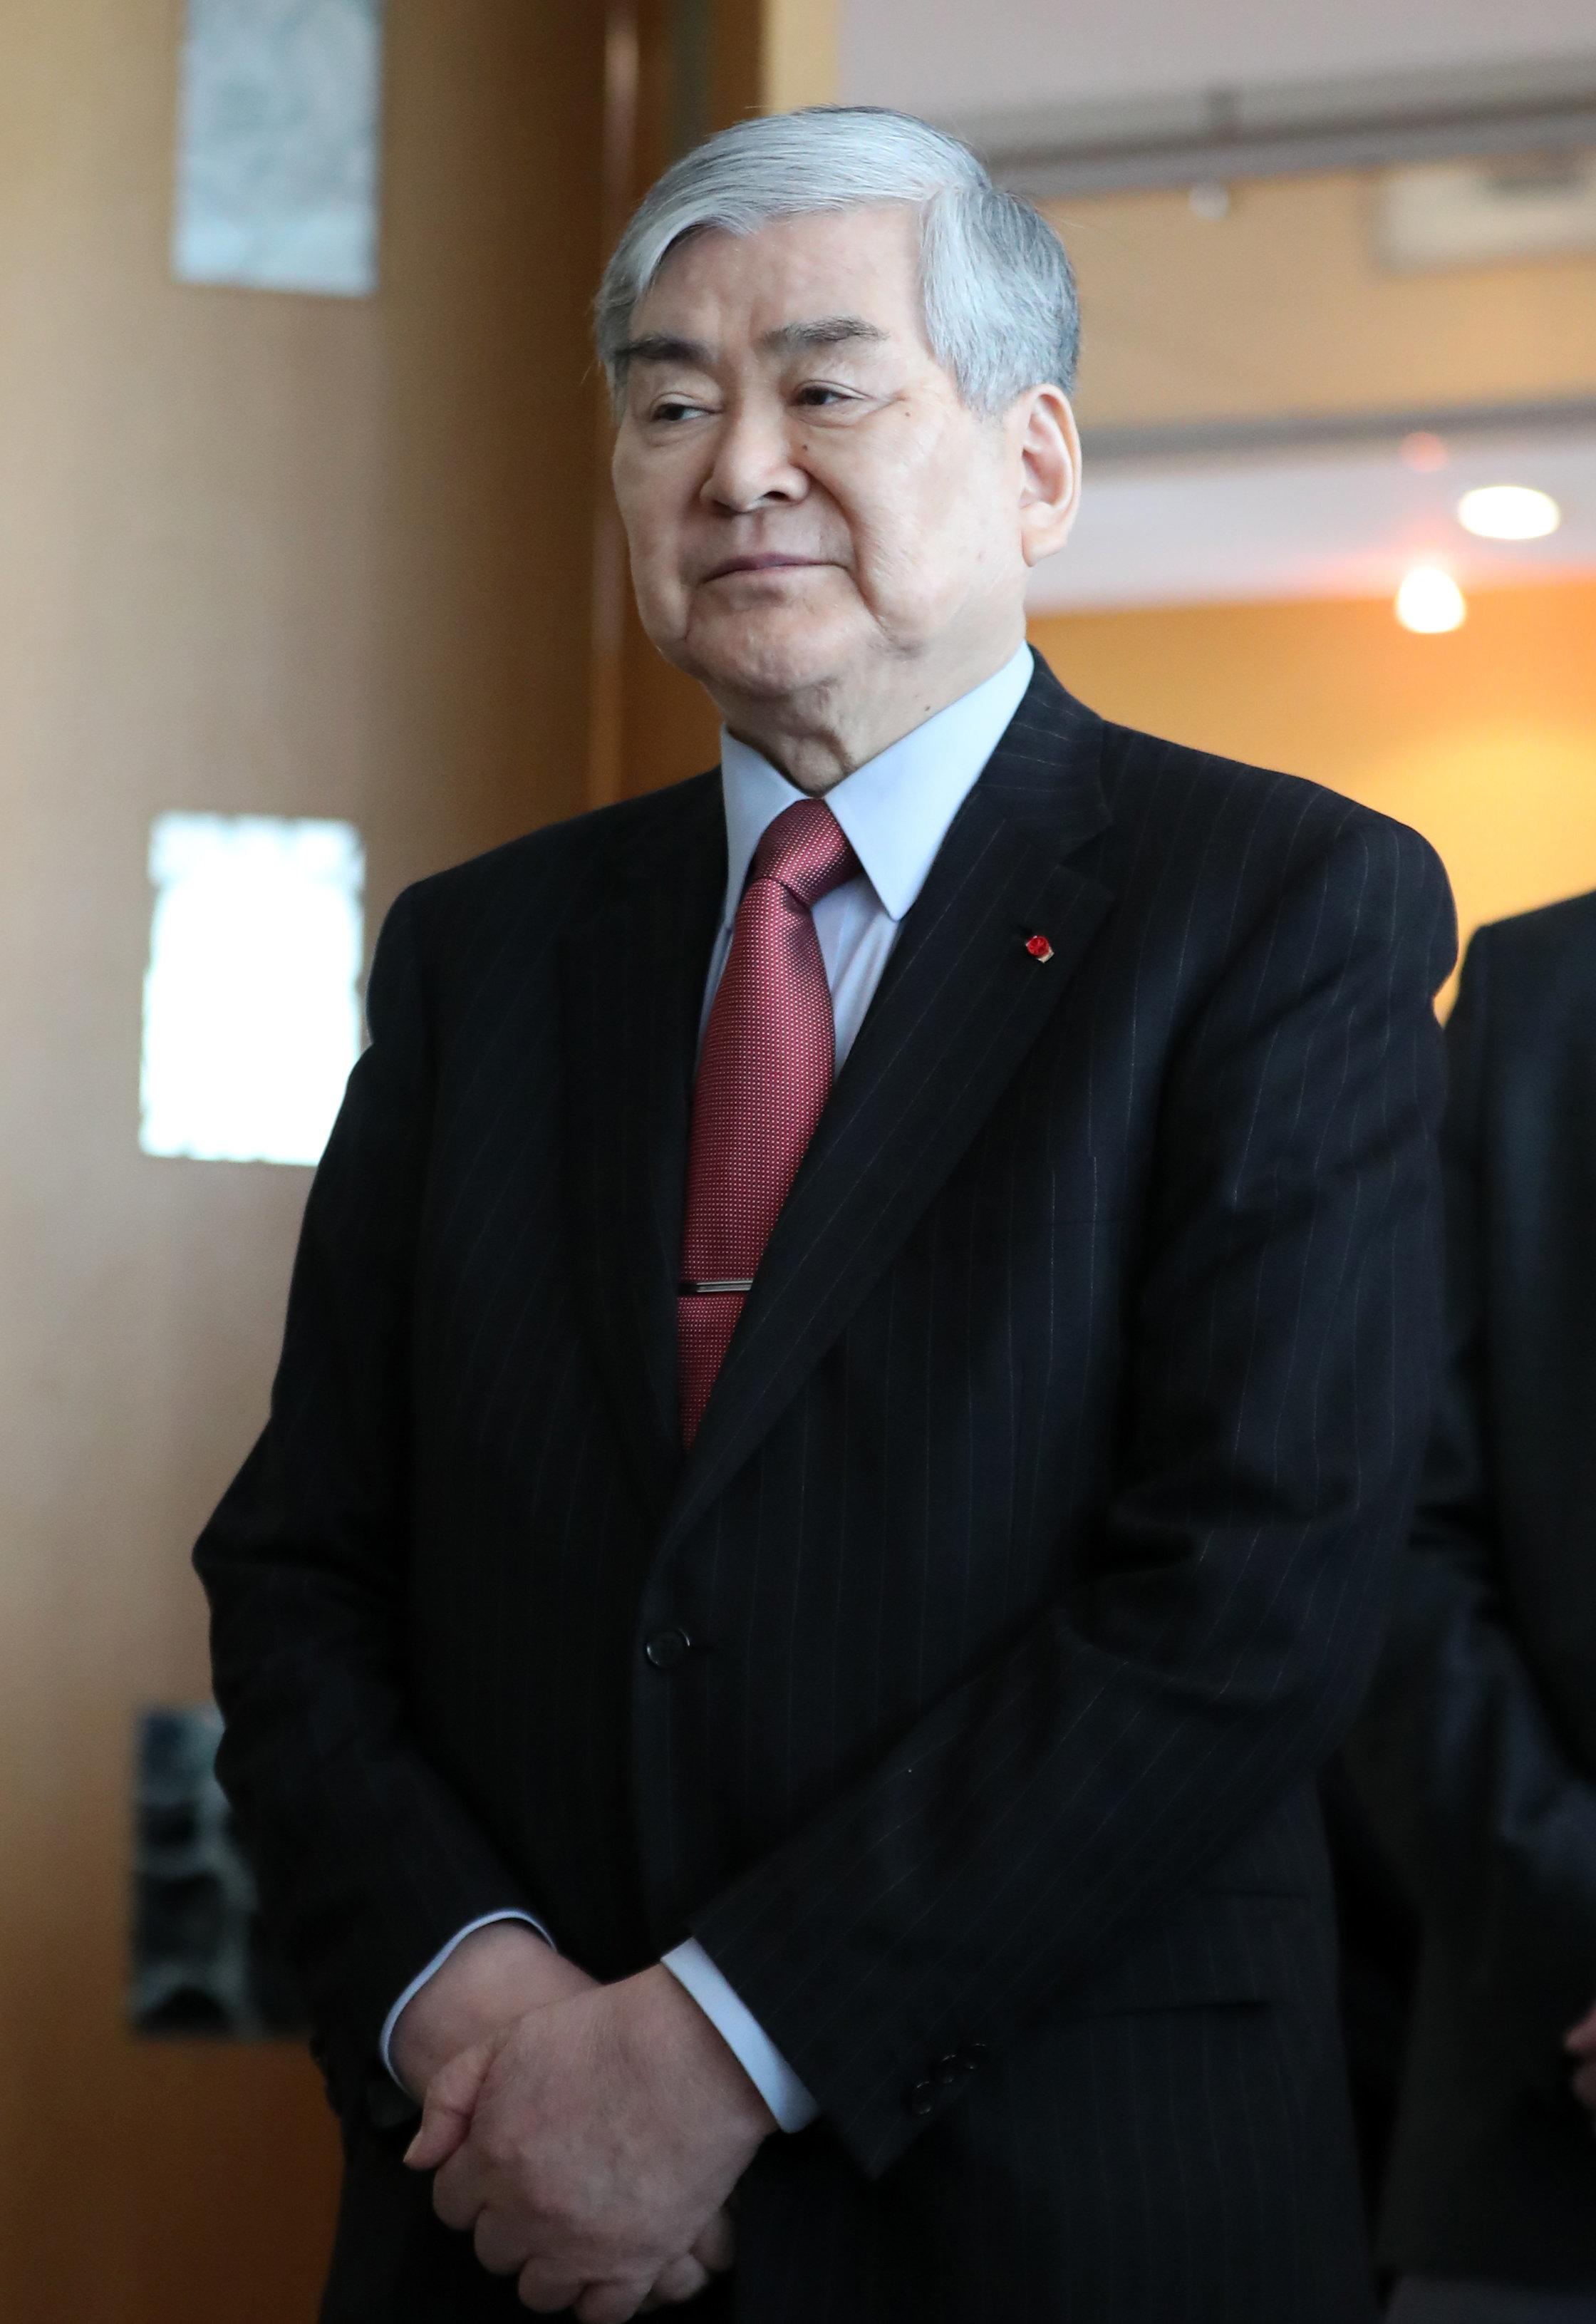 조양호 한진그룹 회장이 공식 사과문을 발표했다(전문)